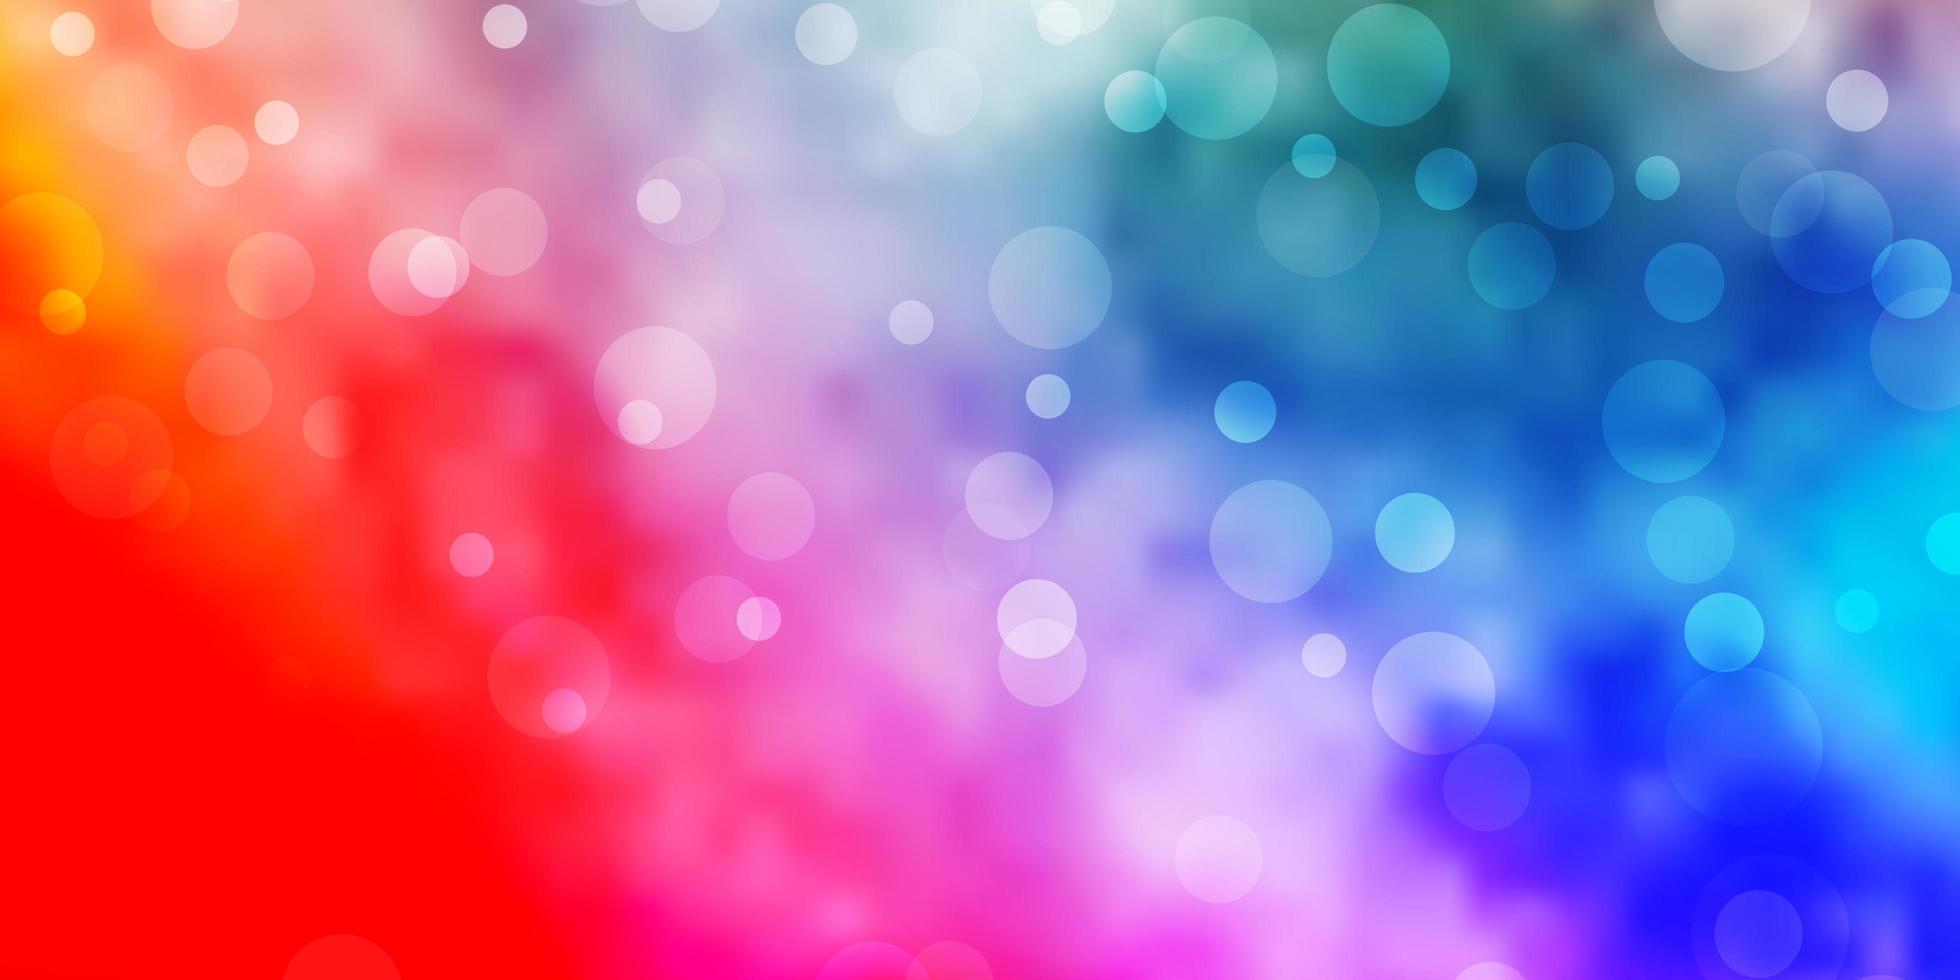 ljus flerfärgad vektor konsistens med cirklar.